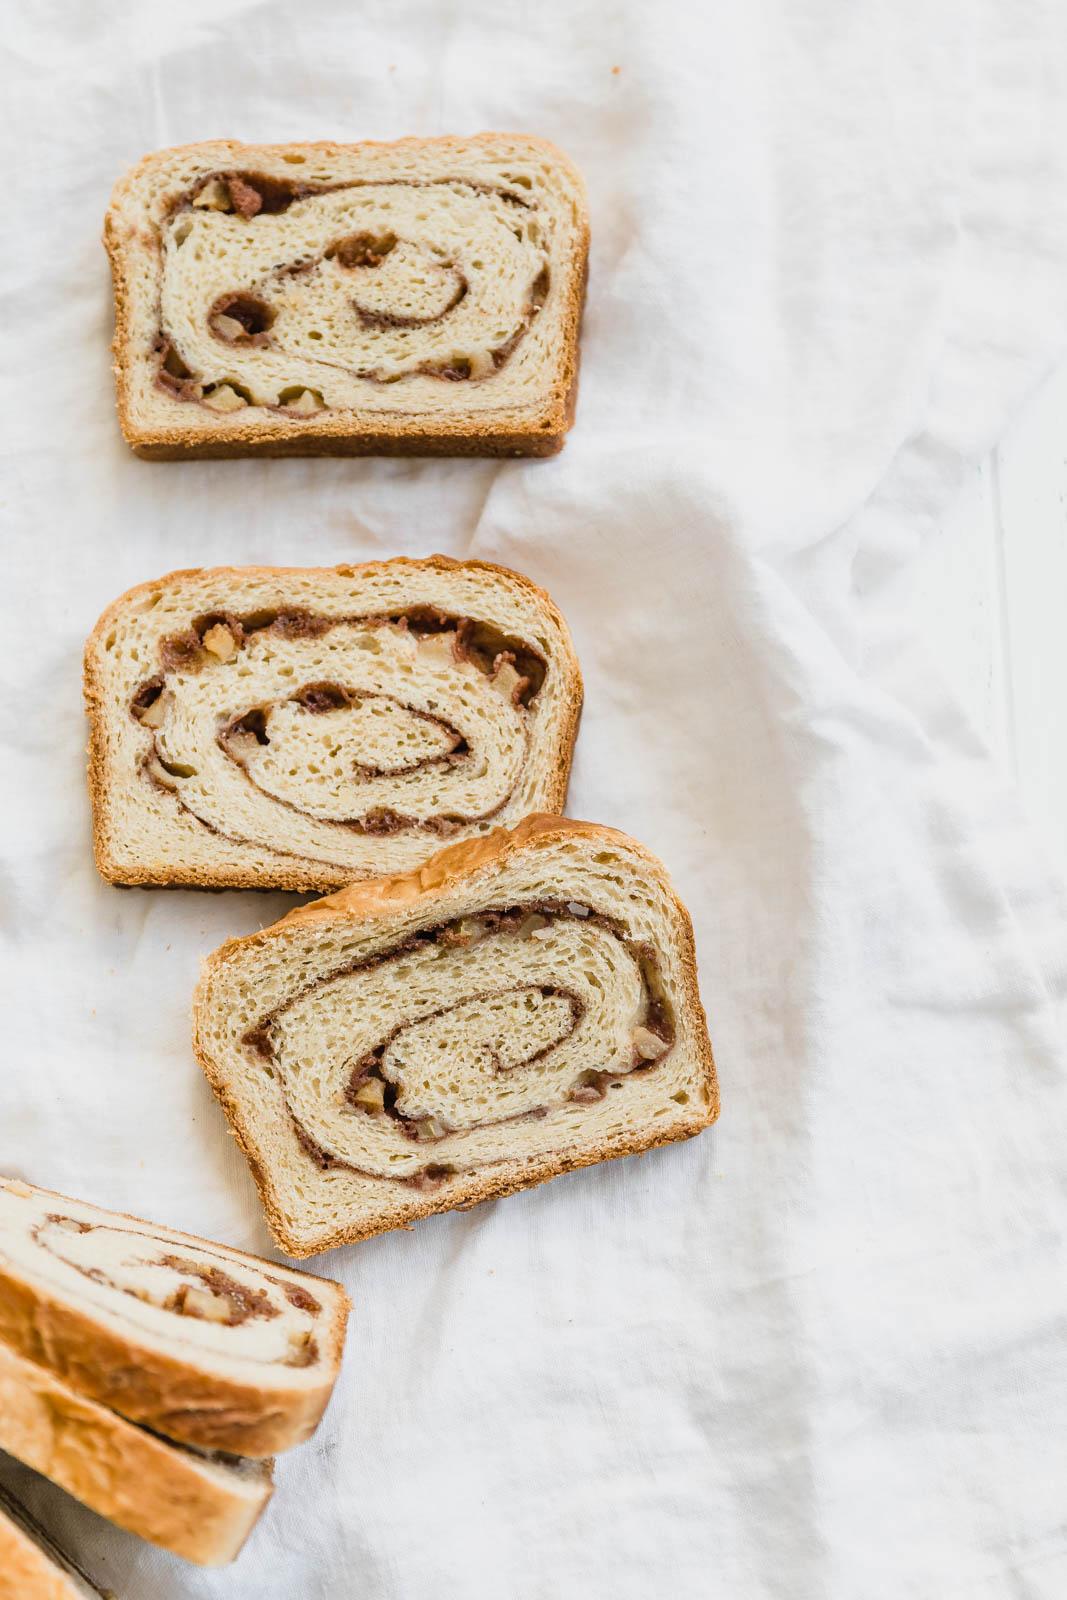 apple cinnamon bread slices